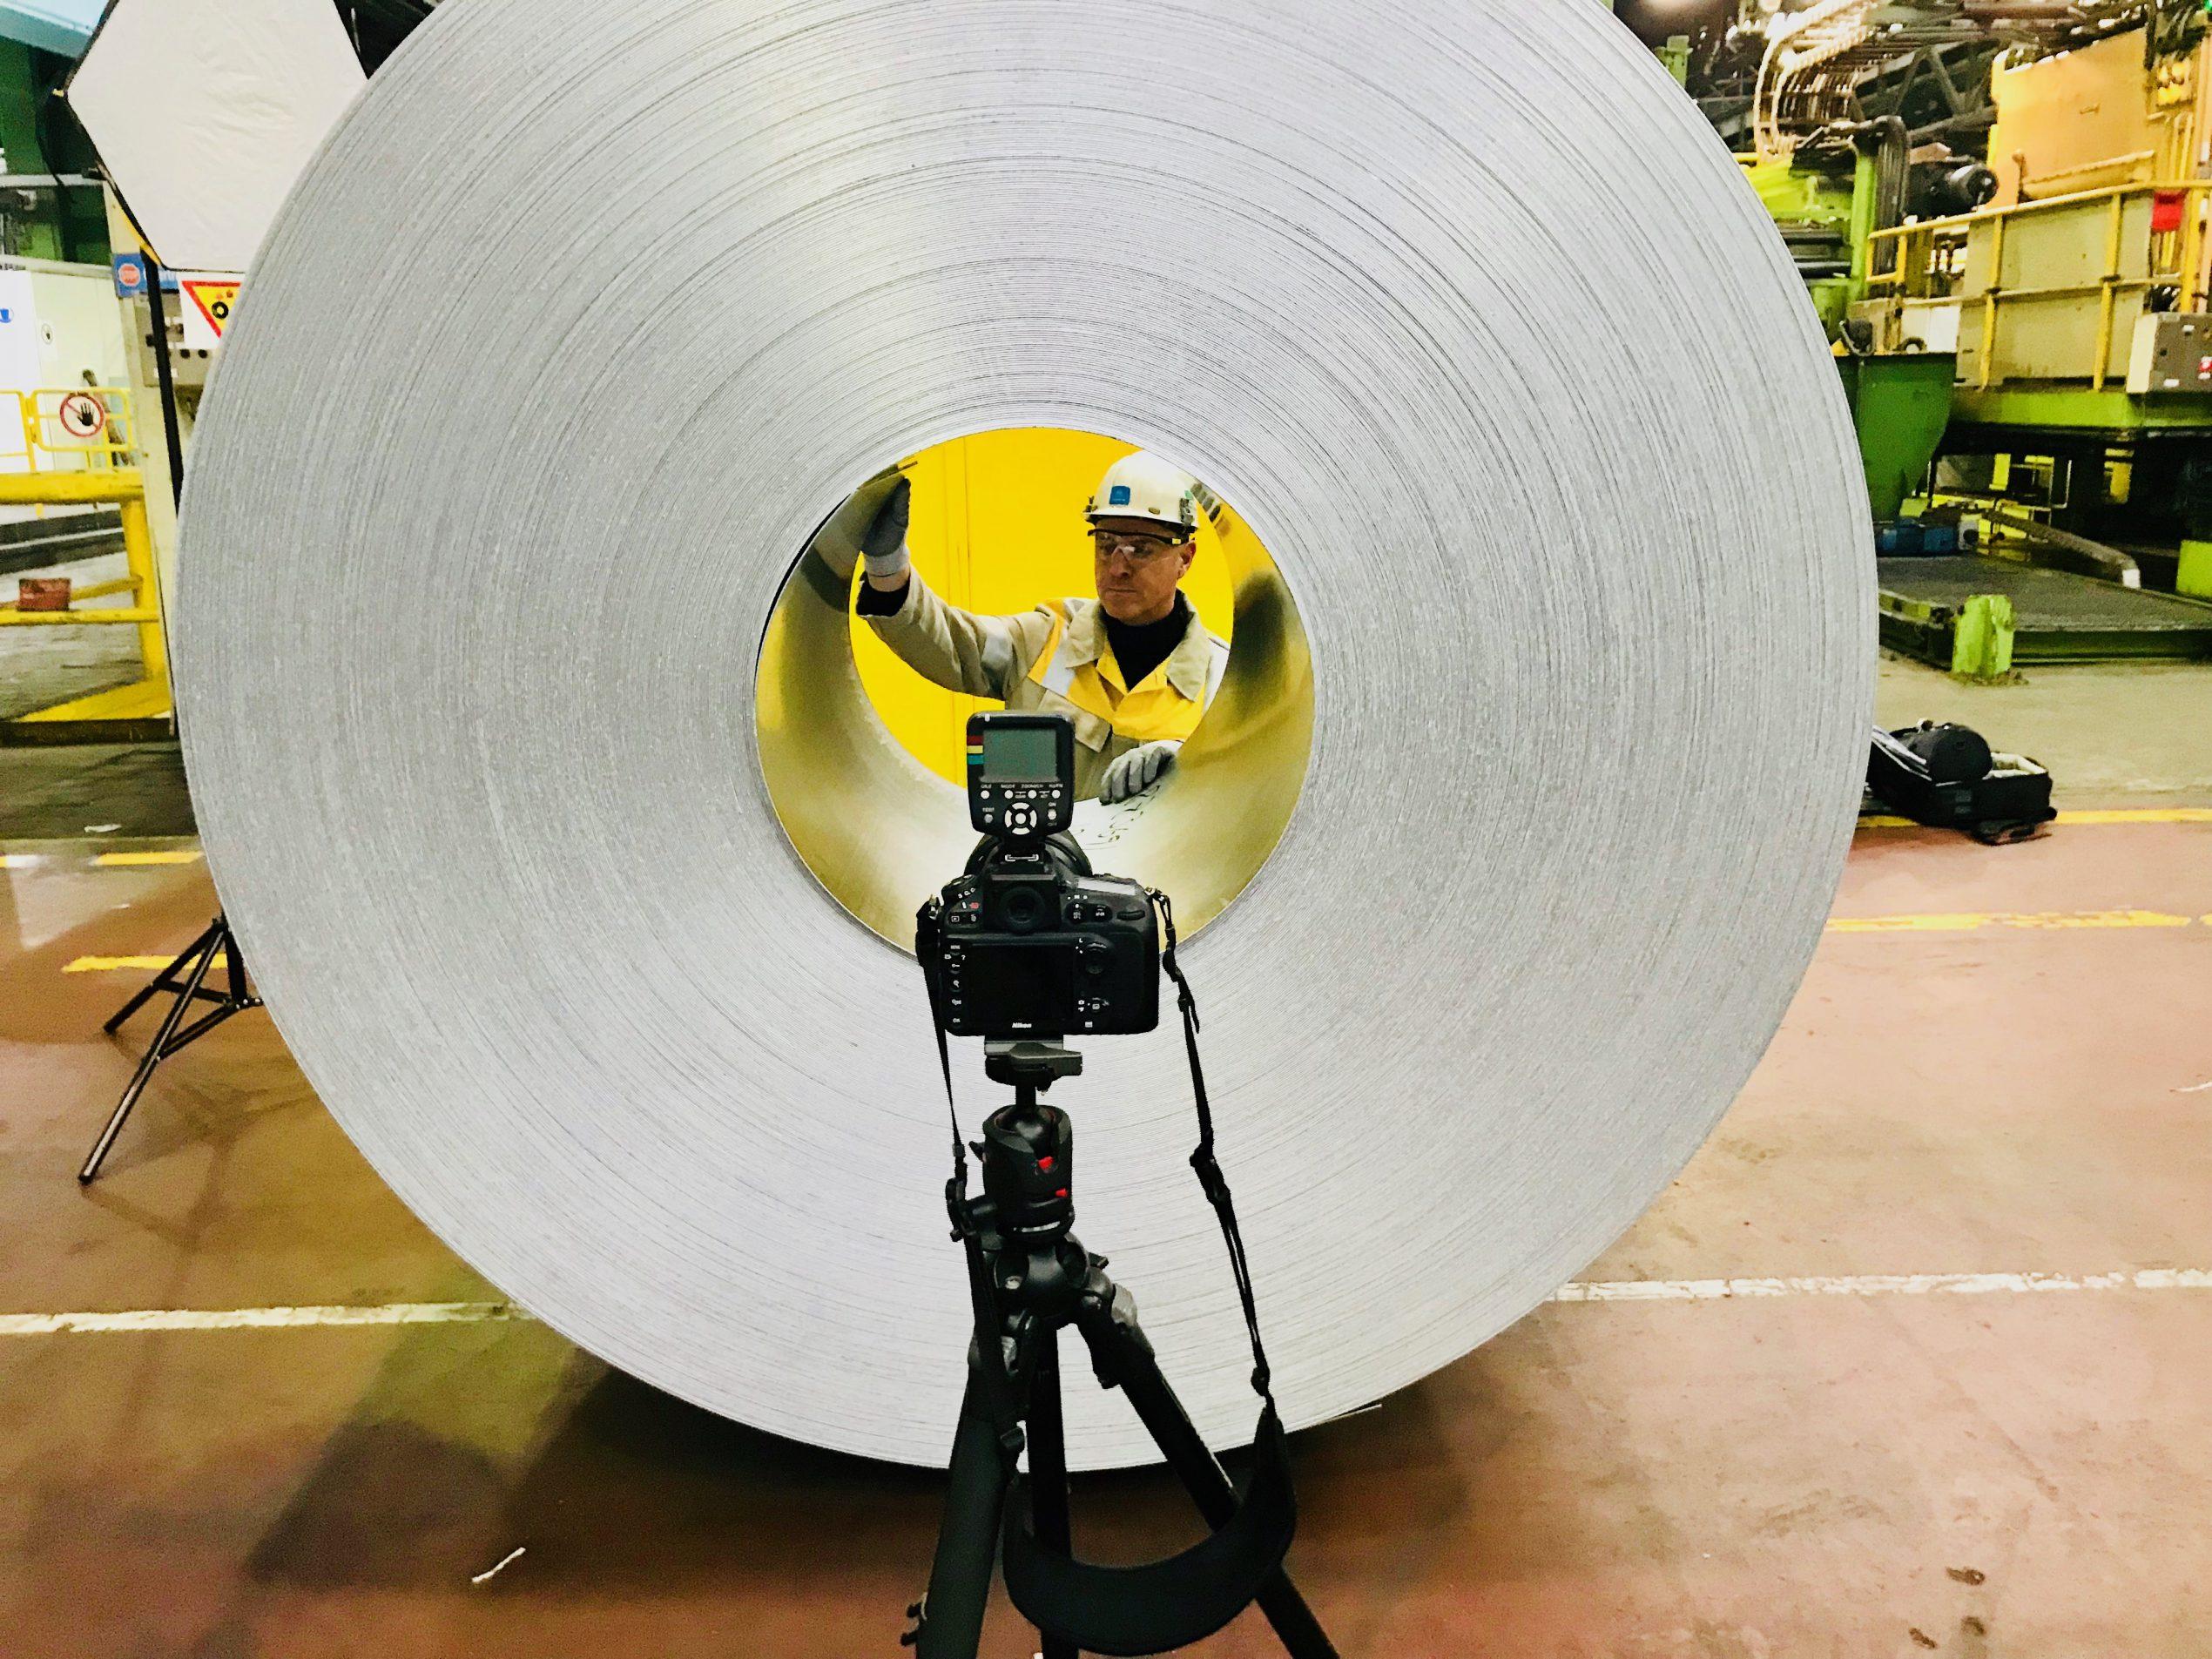 thyssenkrupp MillServices & Systems; mehrtägige Fotoproduktion